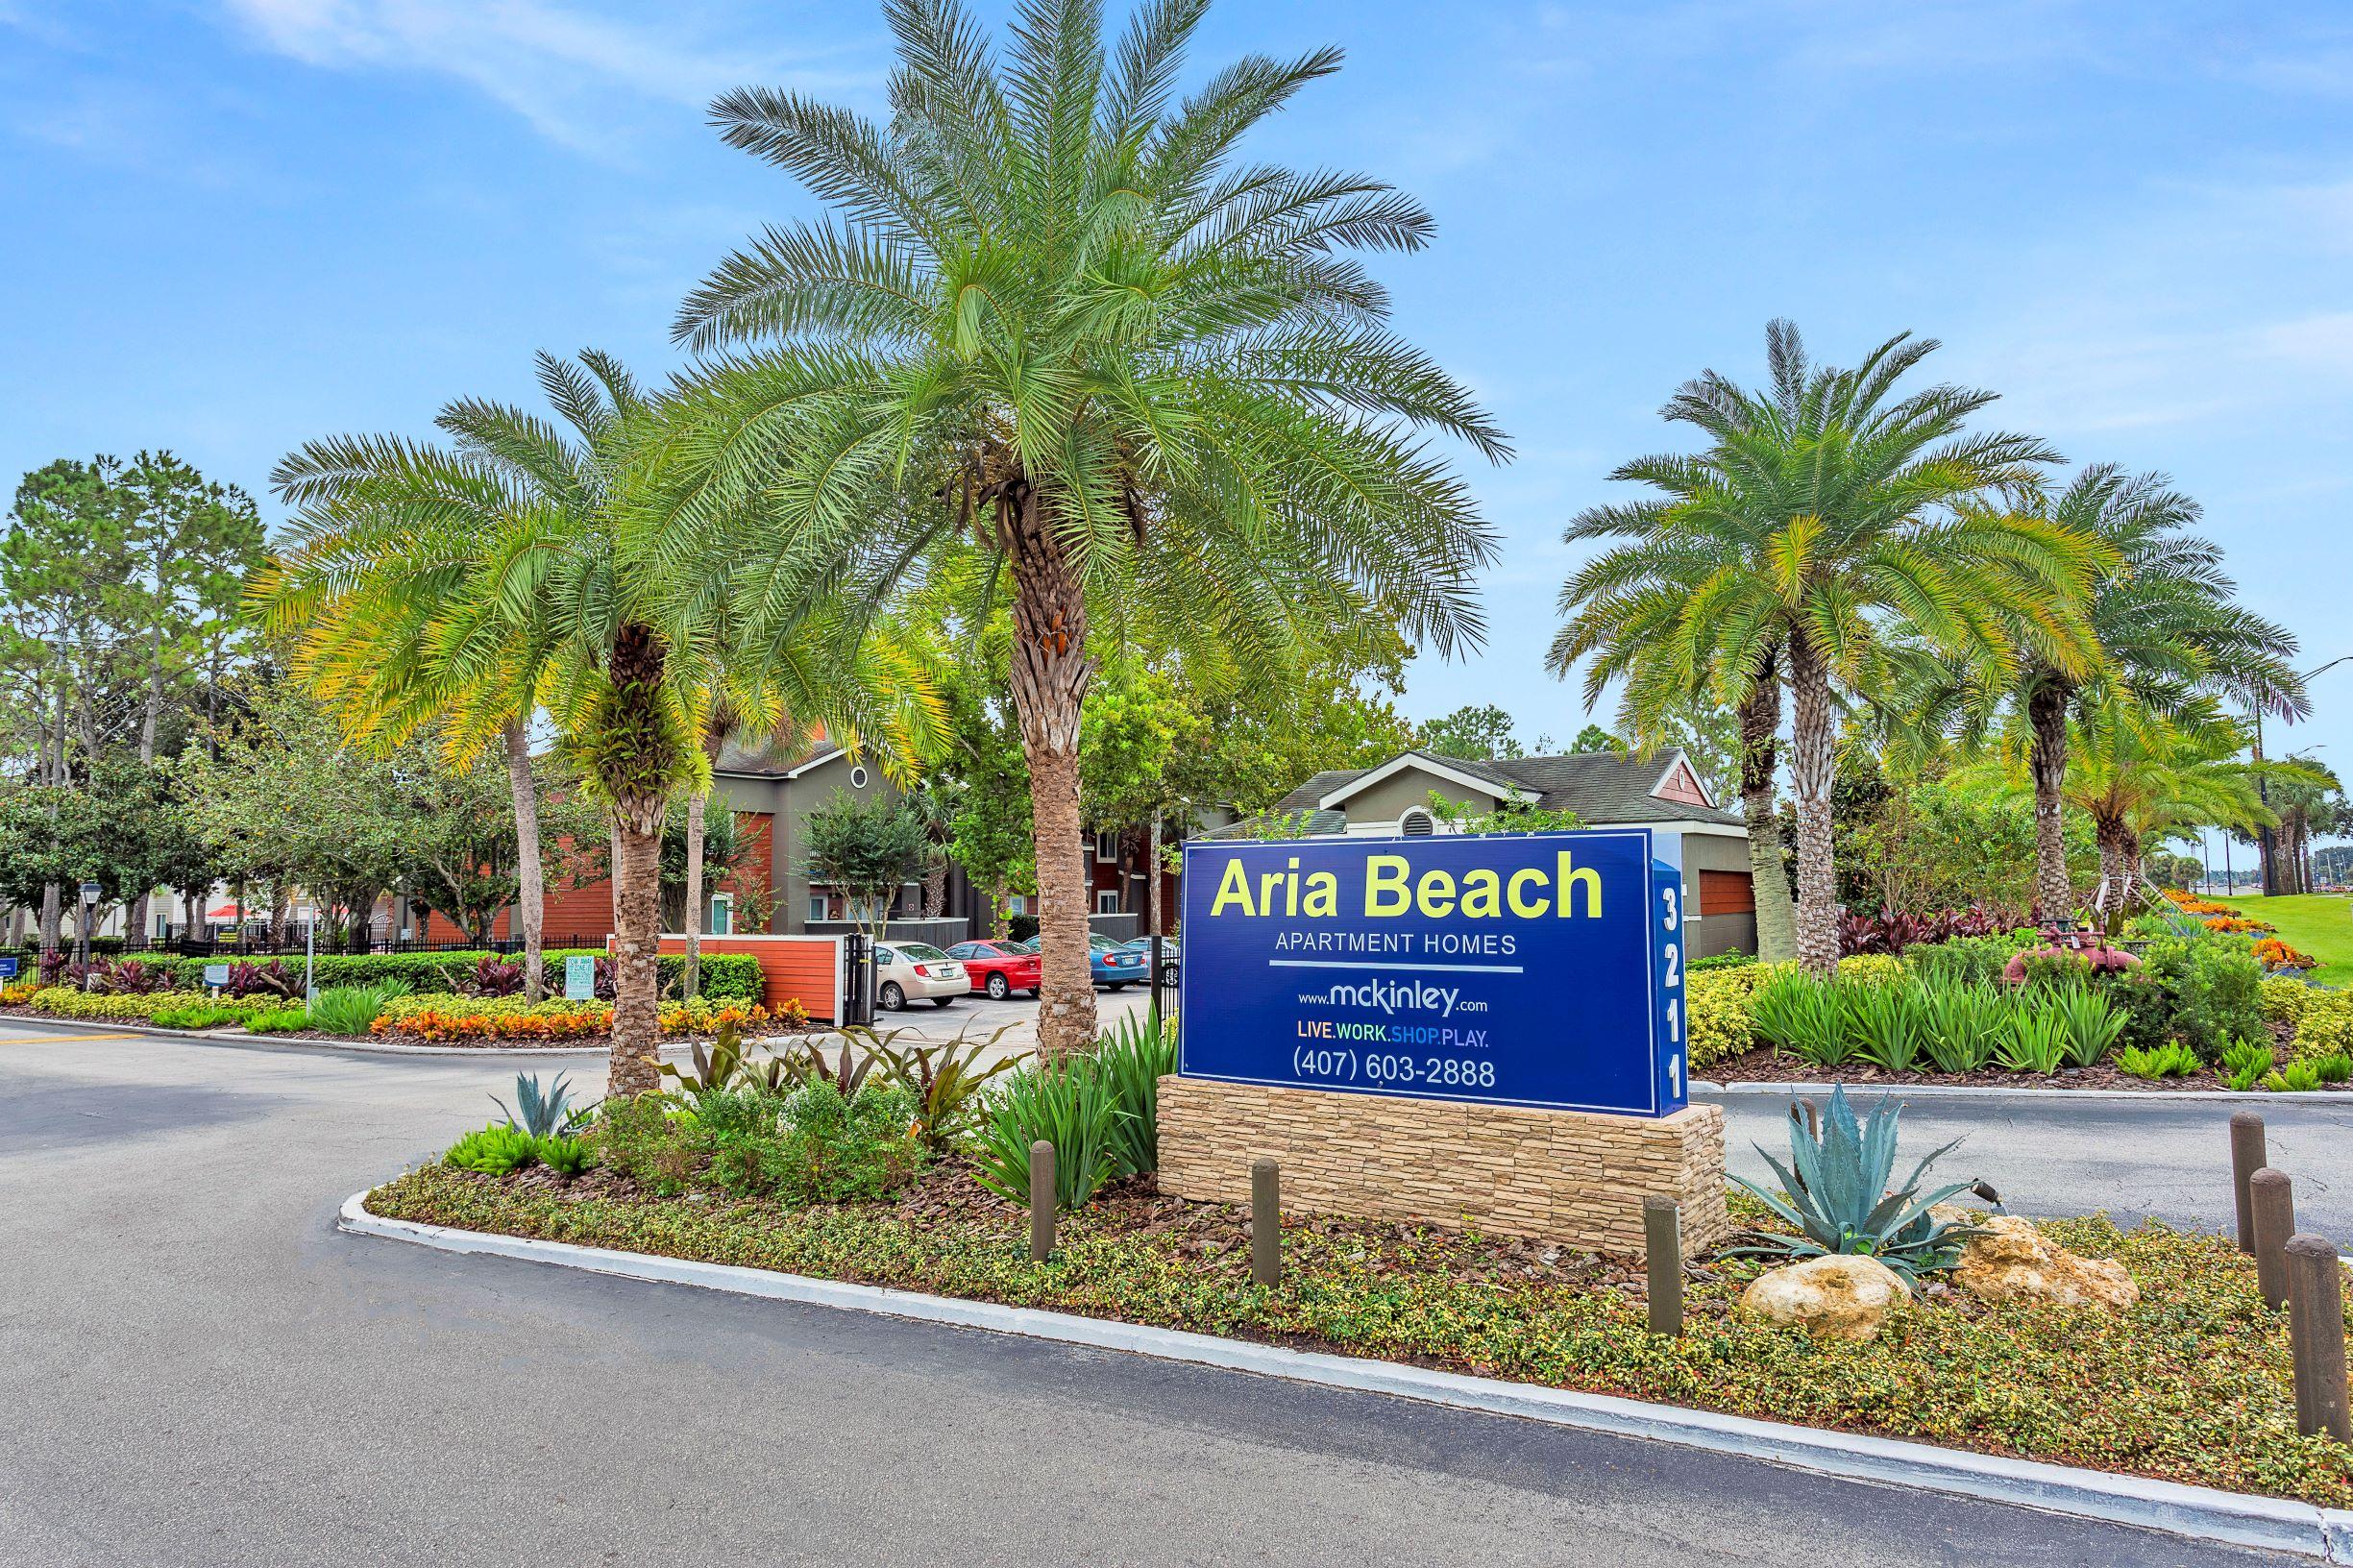 Aria Beach